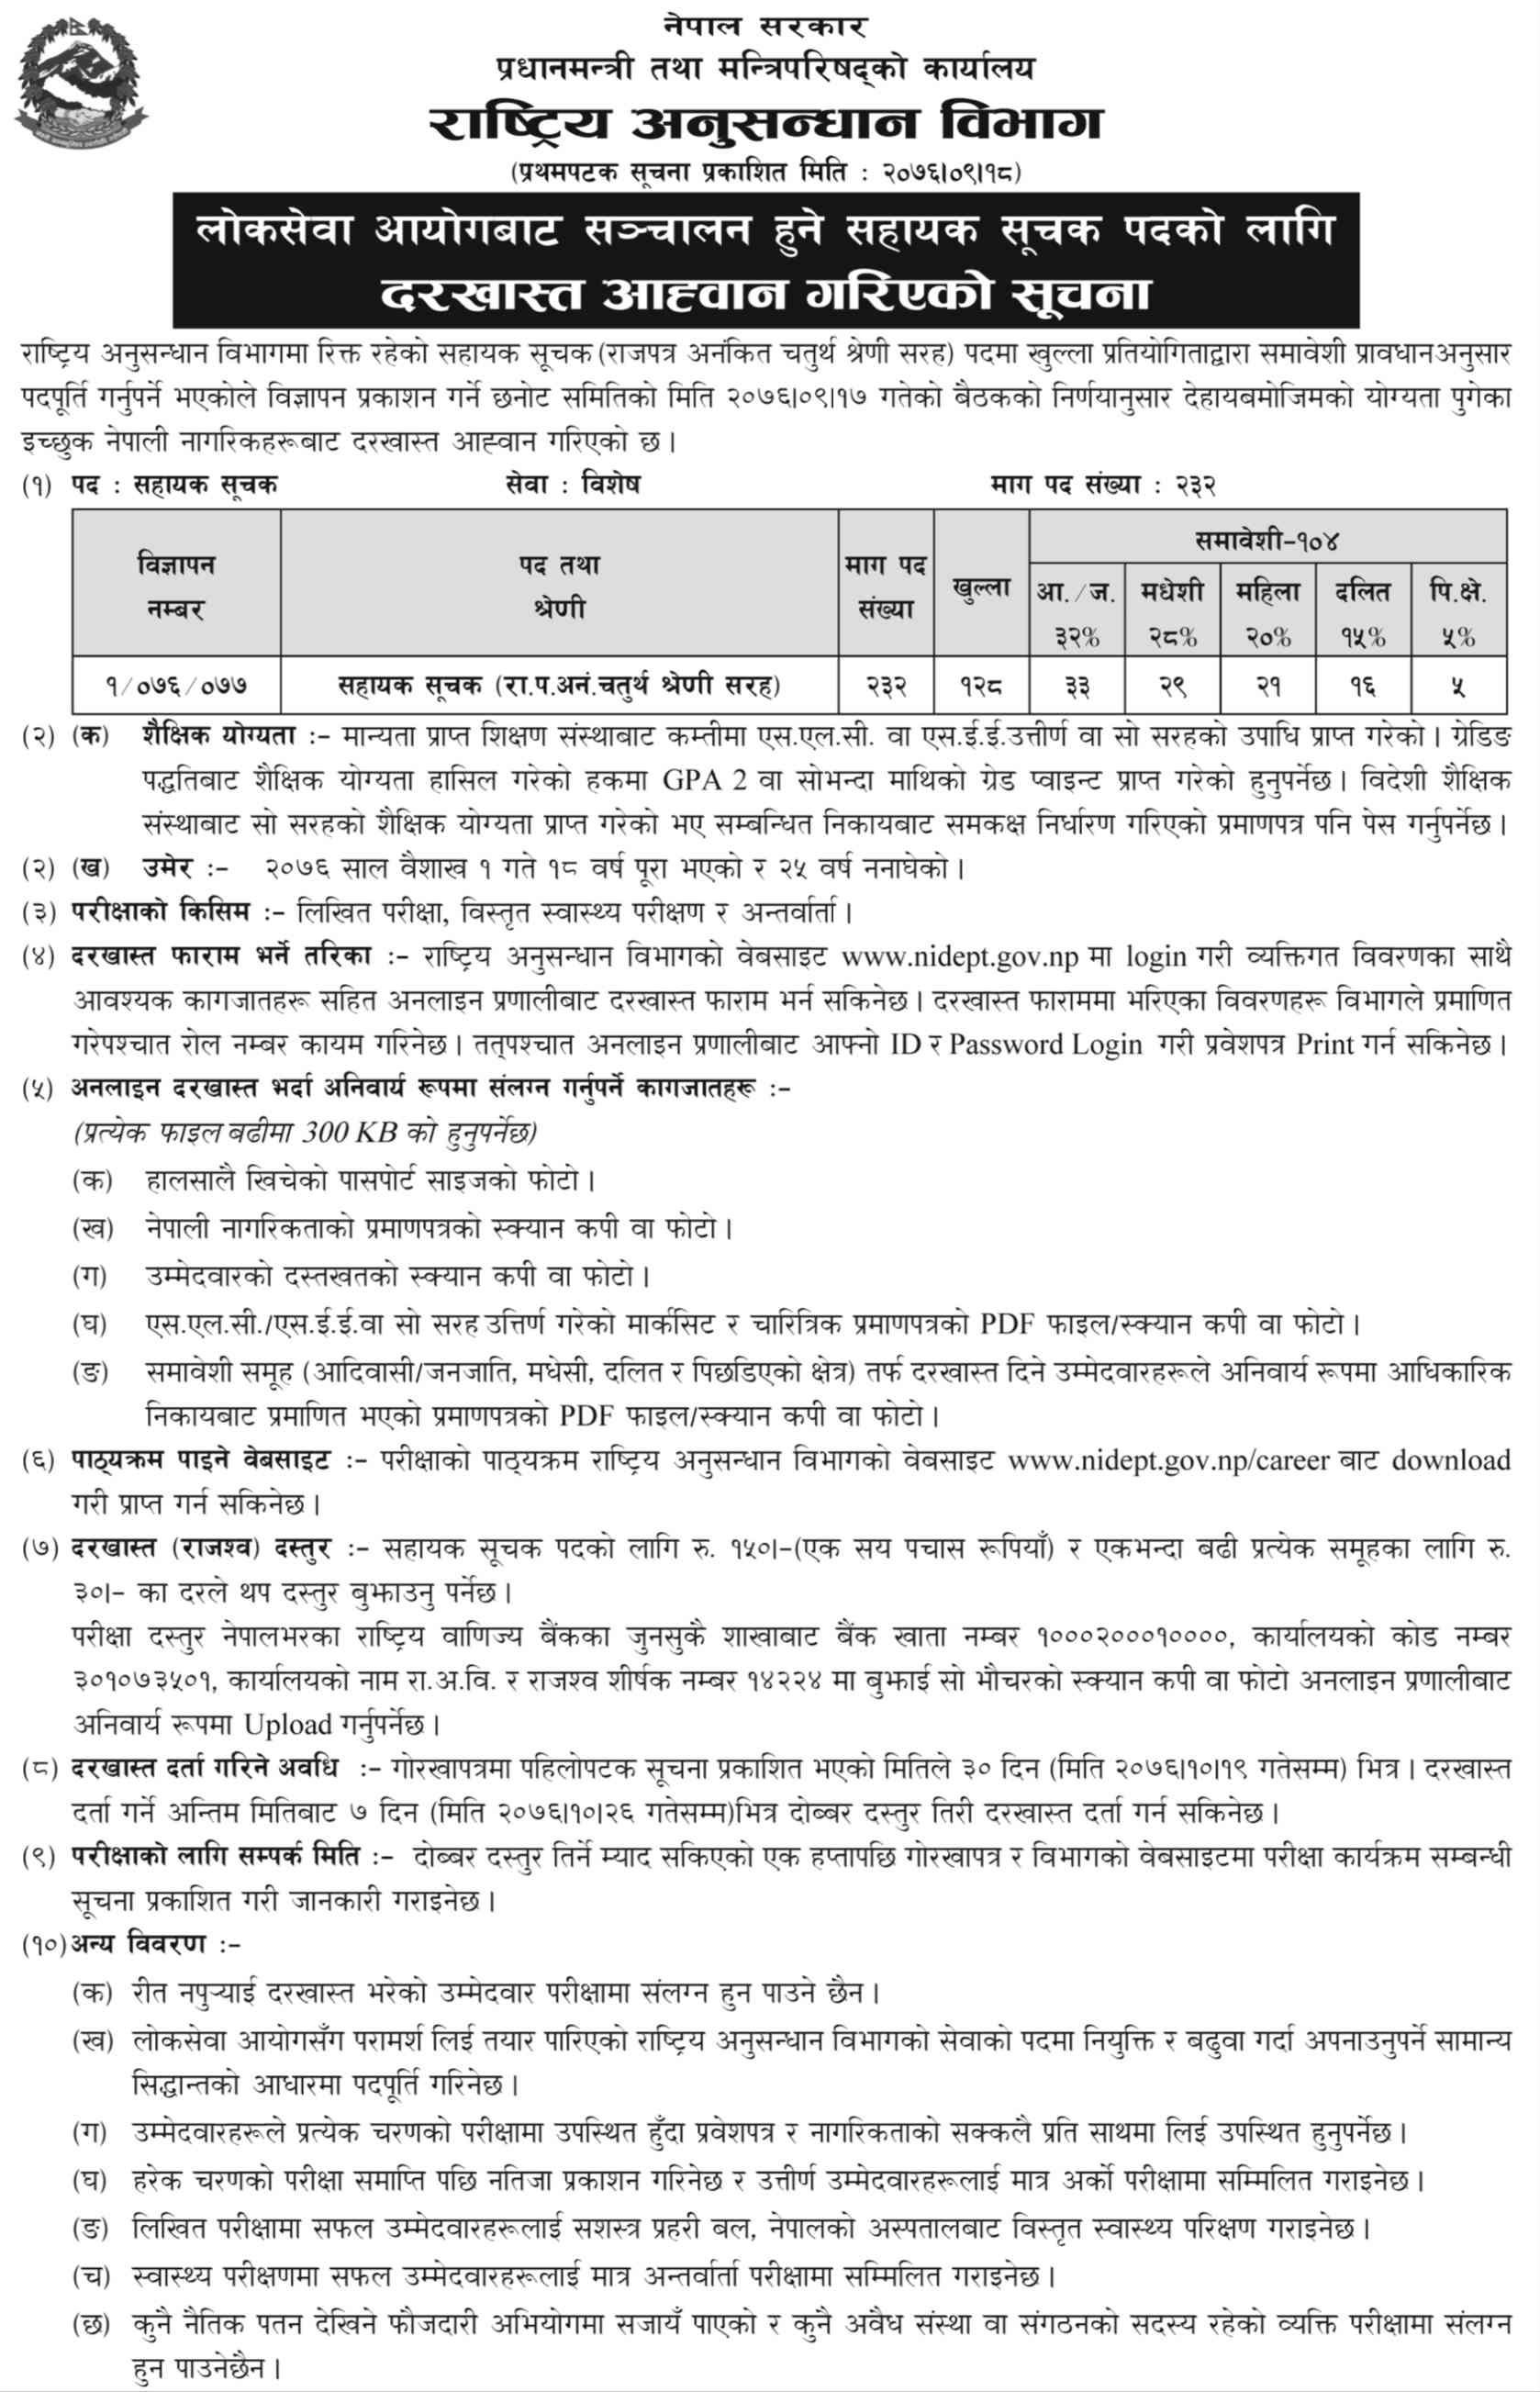 राष्ट्रिय अनुसन्धान विभाग सहायक सूचक पदको लागि दरखास्त आव्हान Rastriya Anusandhan Bibhag (राष्ट्रिय अनुसन्धान विभाग)